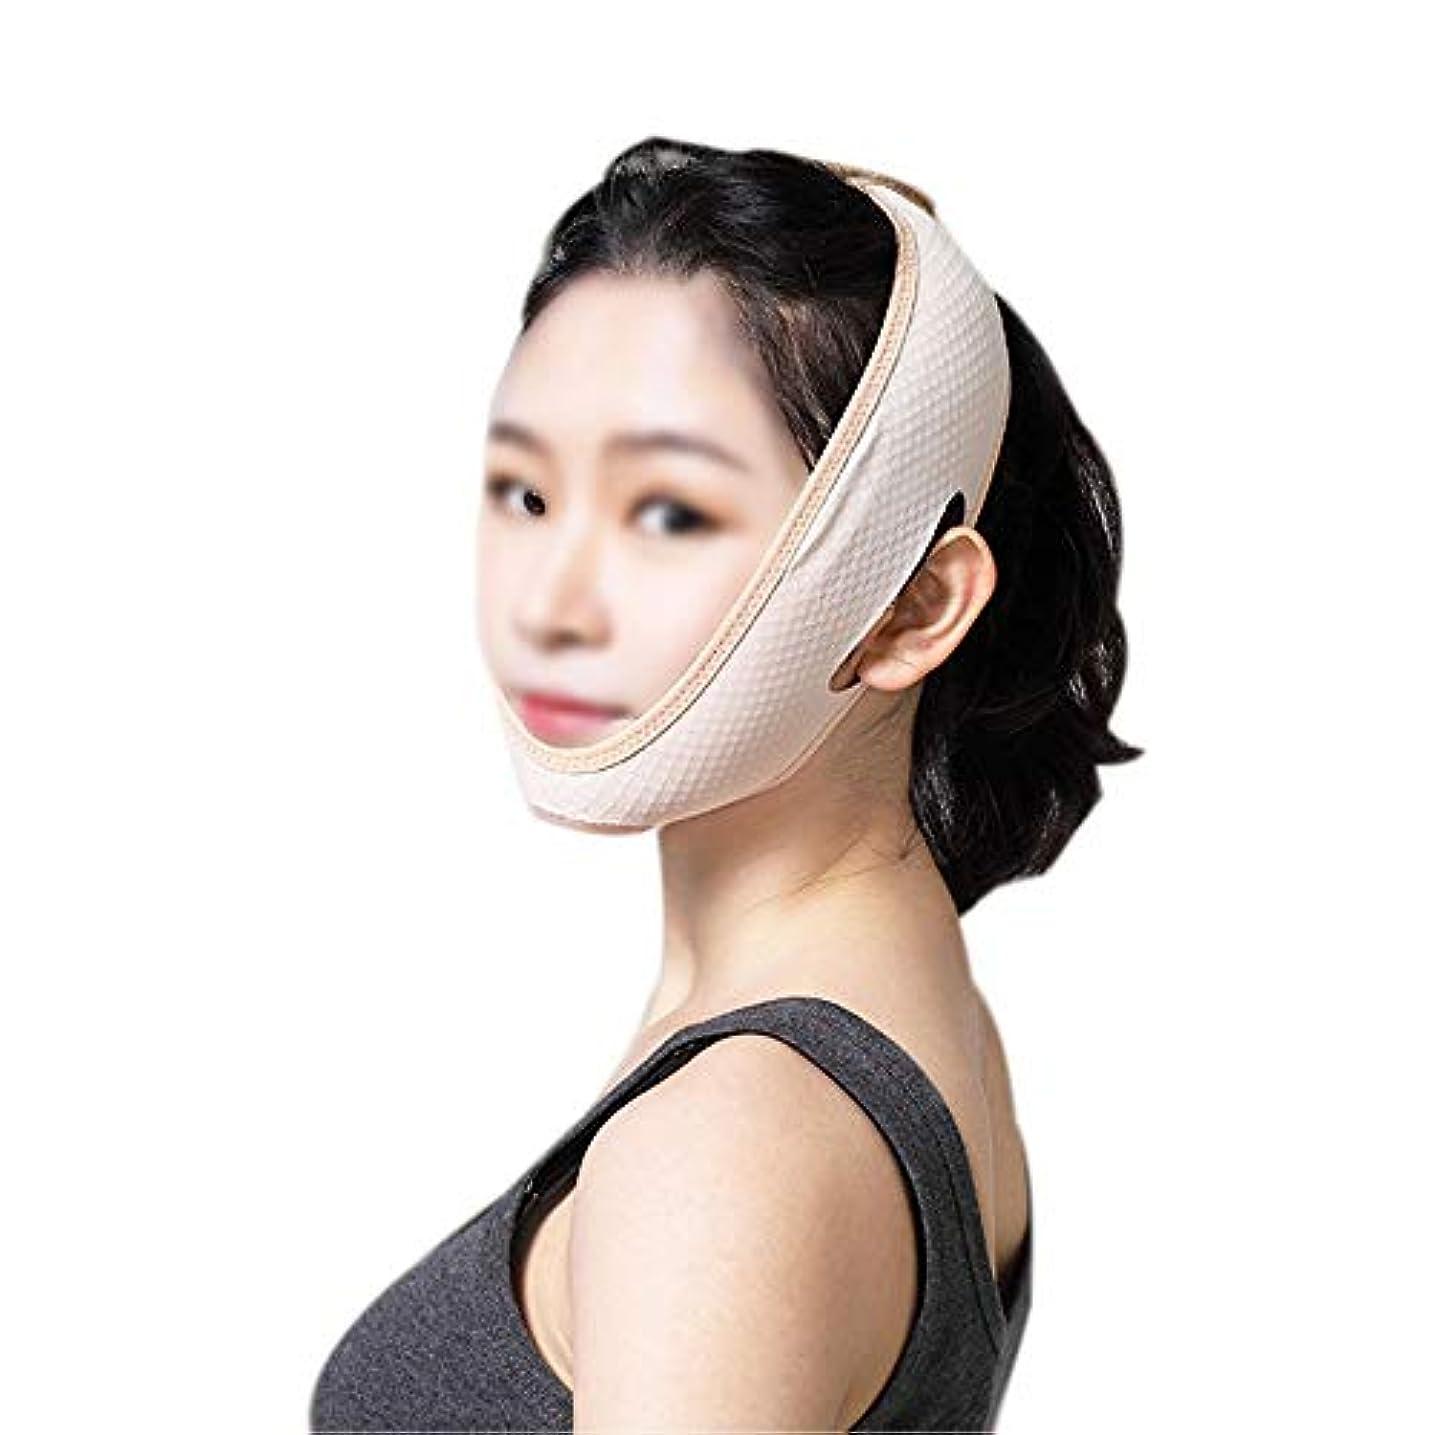 解説爪深さGLJJQMY フェイスリフティング包帯睡眠薄いフェイスマスクは肌を引き締め、二重あごのマスクを減らす 顔用整形マスク